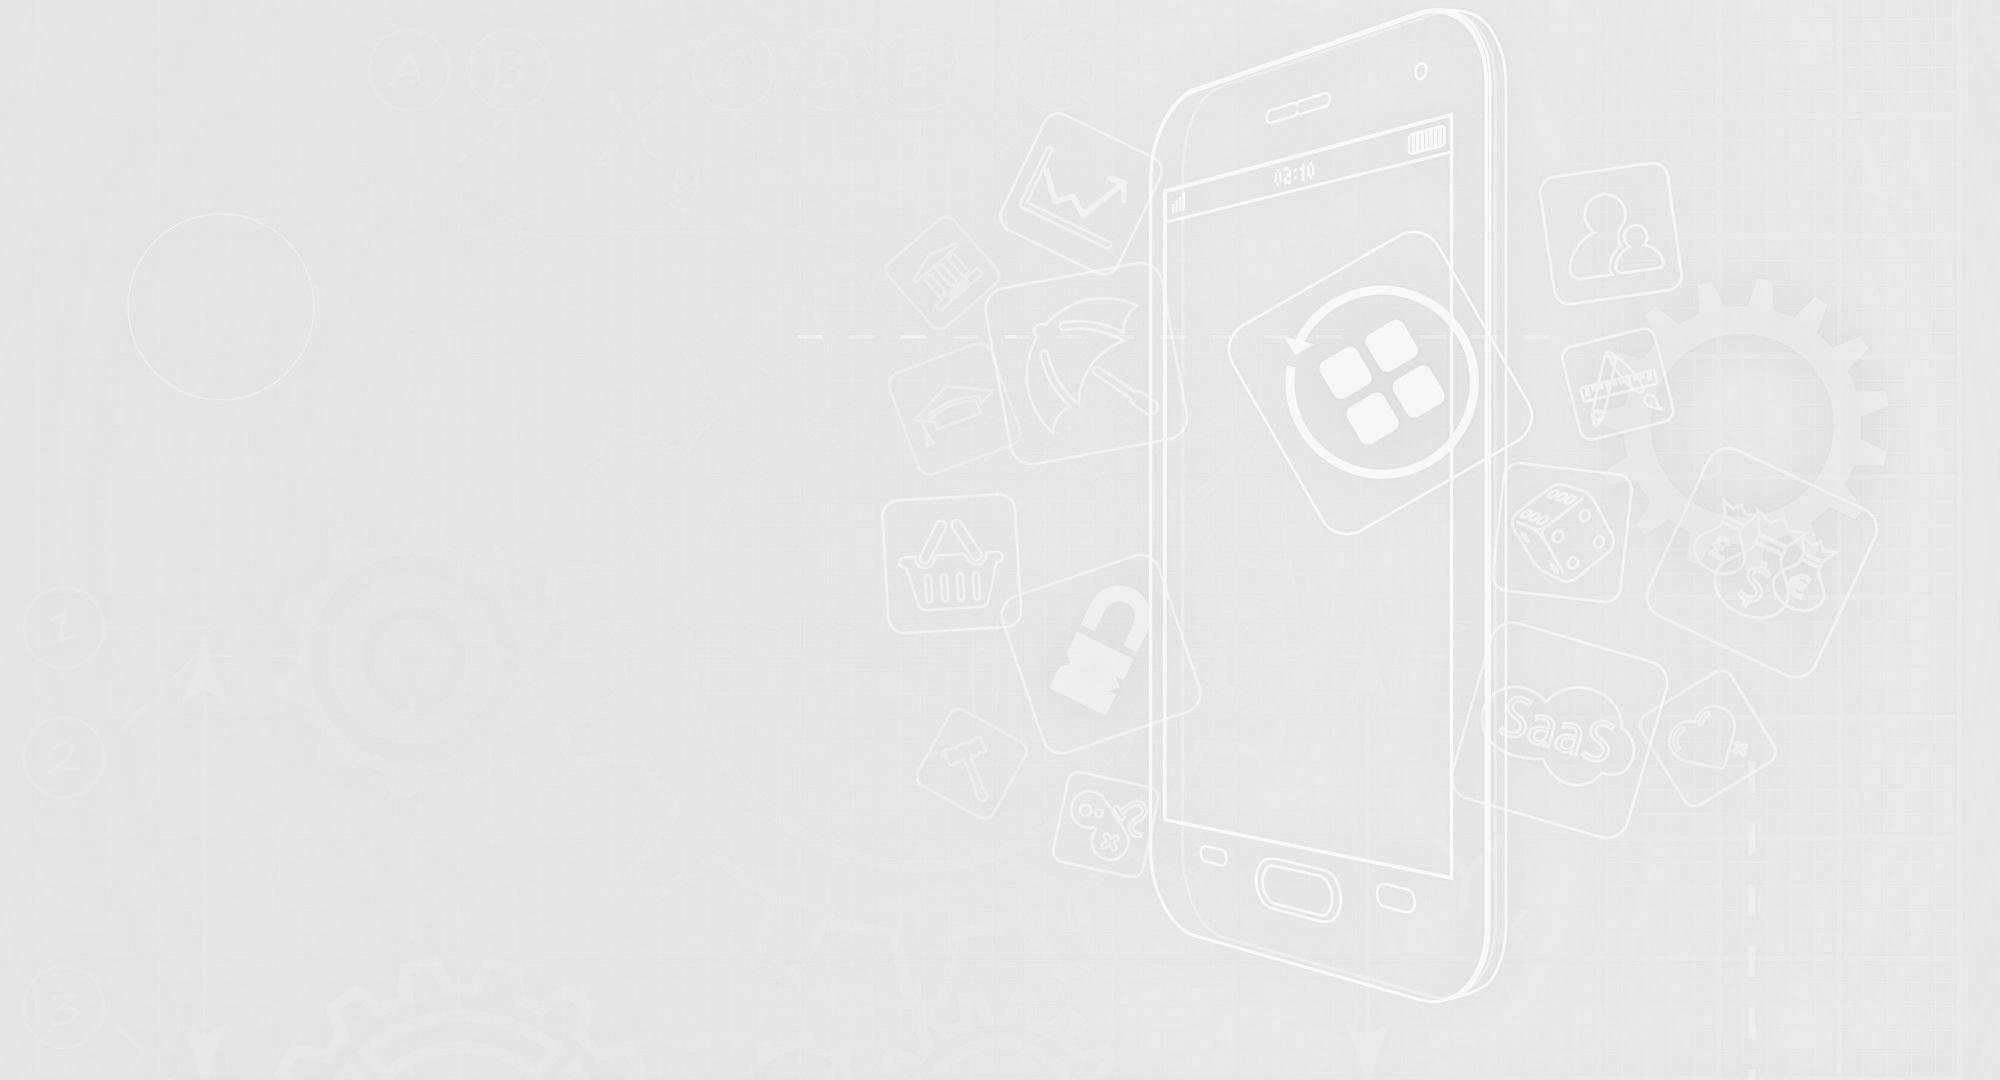 web-design-development-company-sri-lanka-sri-lanka-designers-slider-6